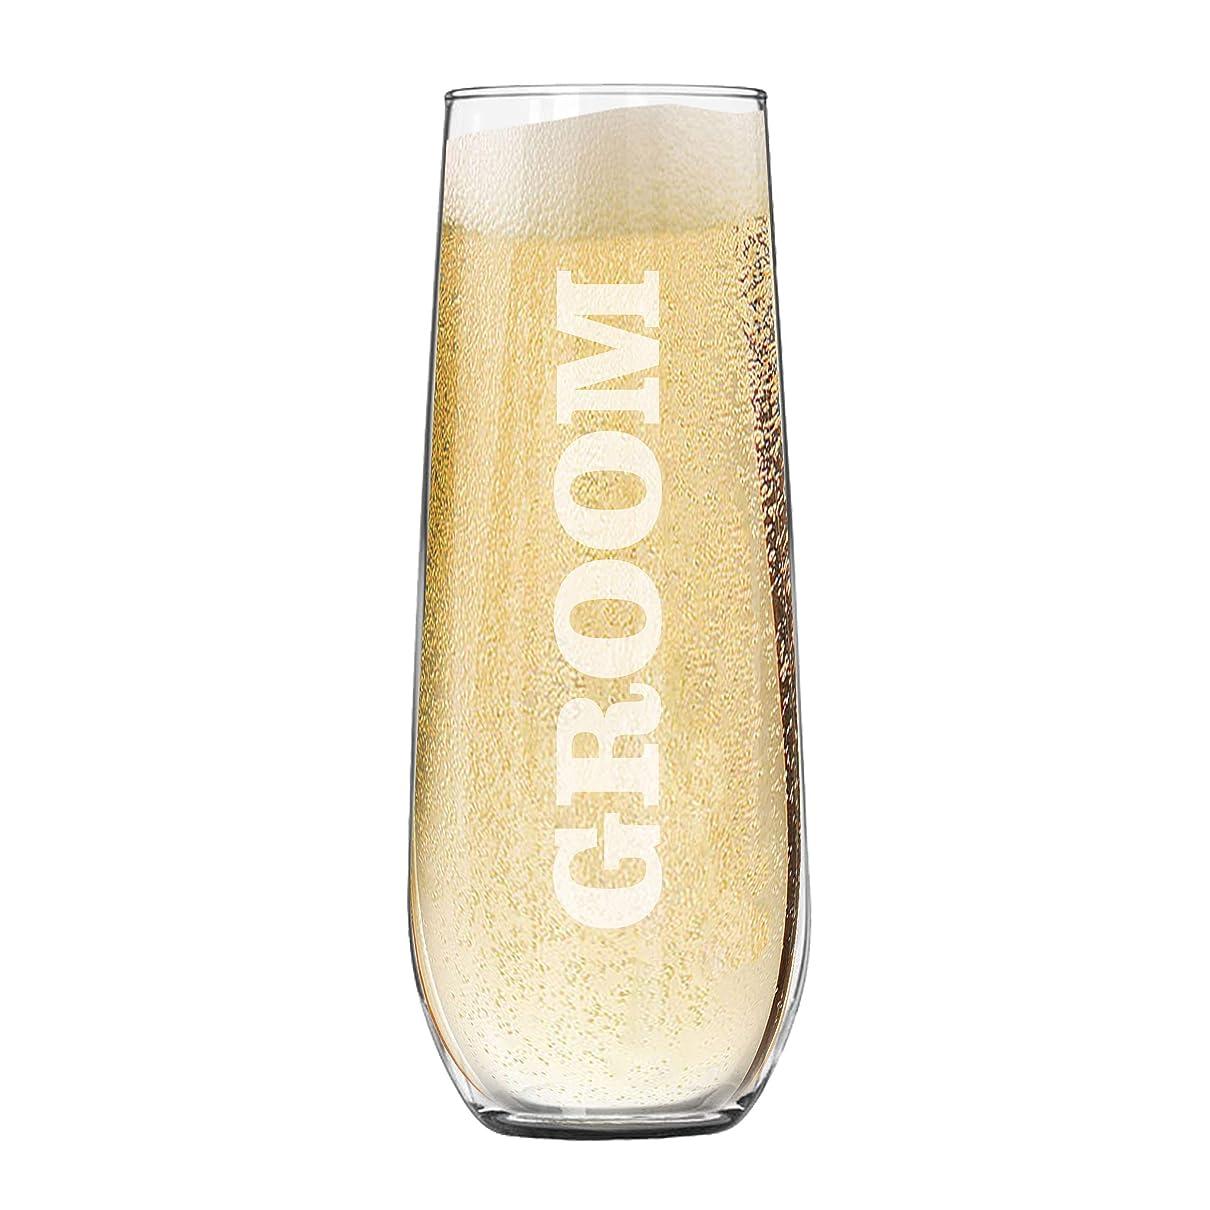 記念品周波数必要条件My Personal Memories 刻印入りステムレスシャンパンフルートグラス 結婚式 独身男性 披露宴 パーティー用 Groom - 8.5 oz クリア MPM407